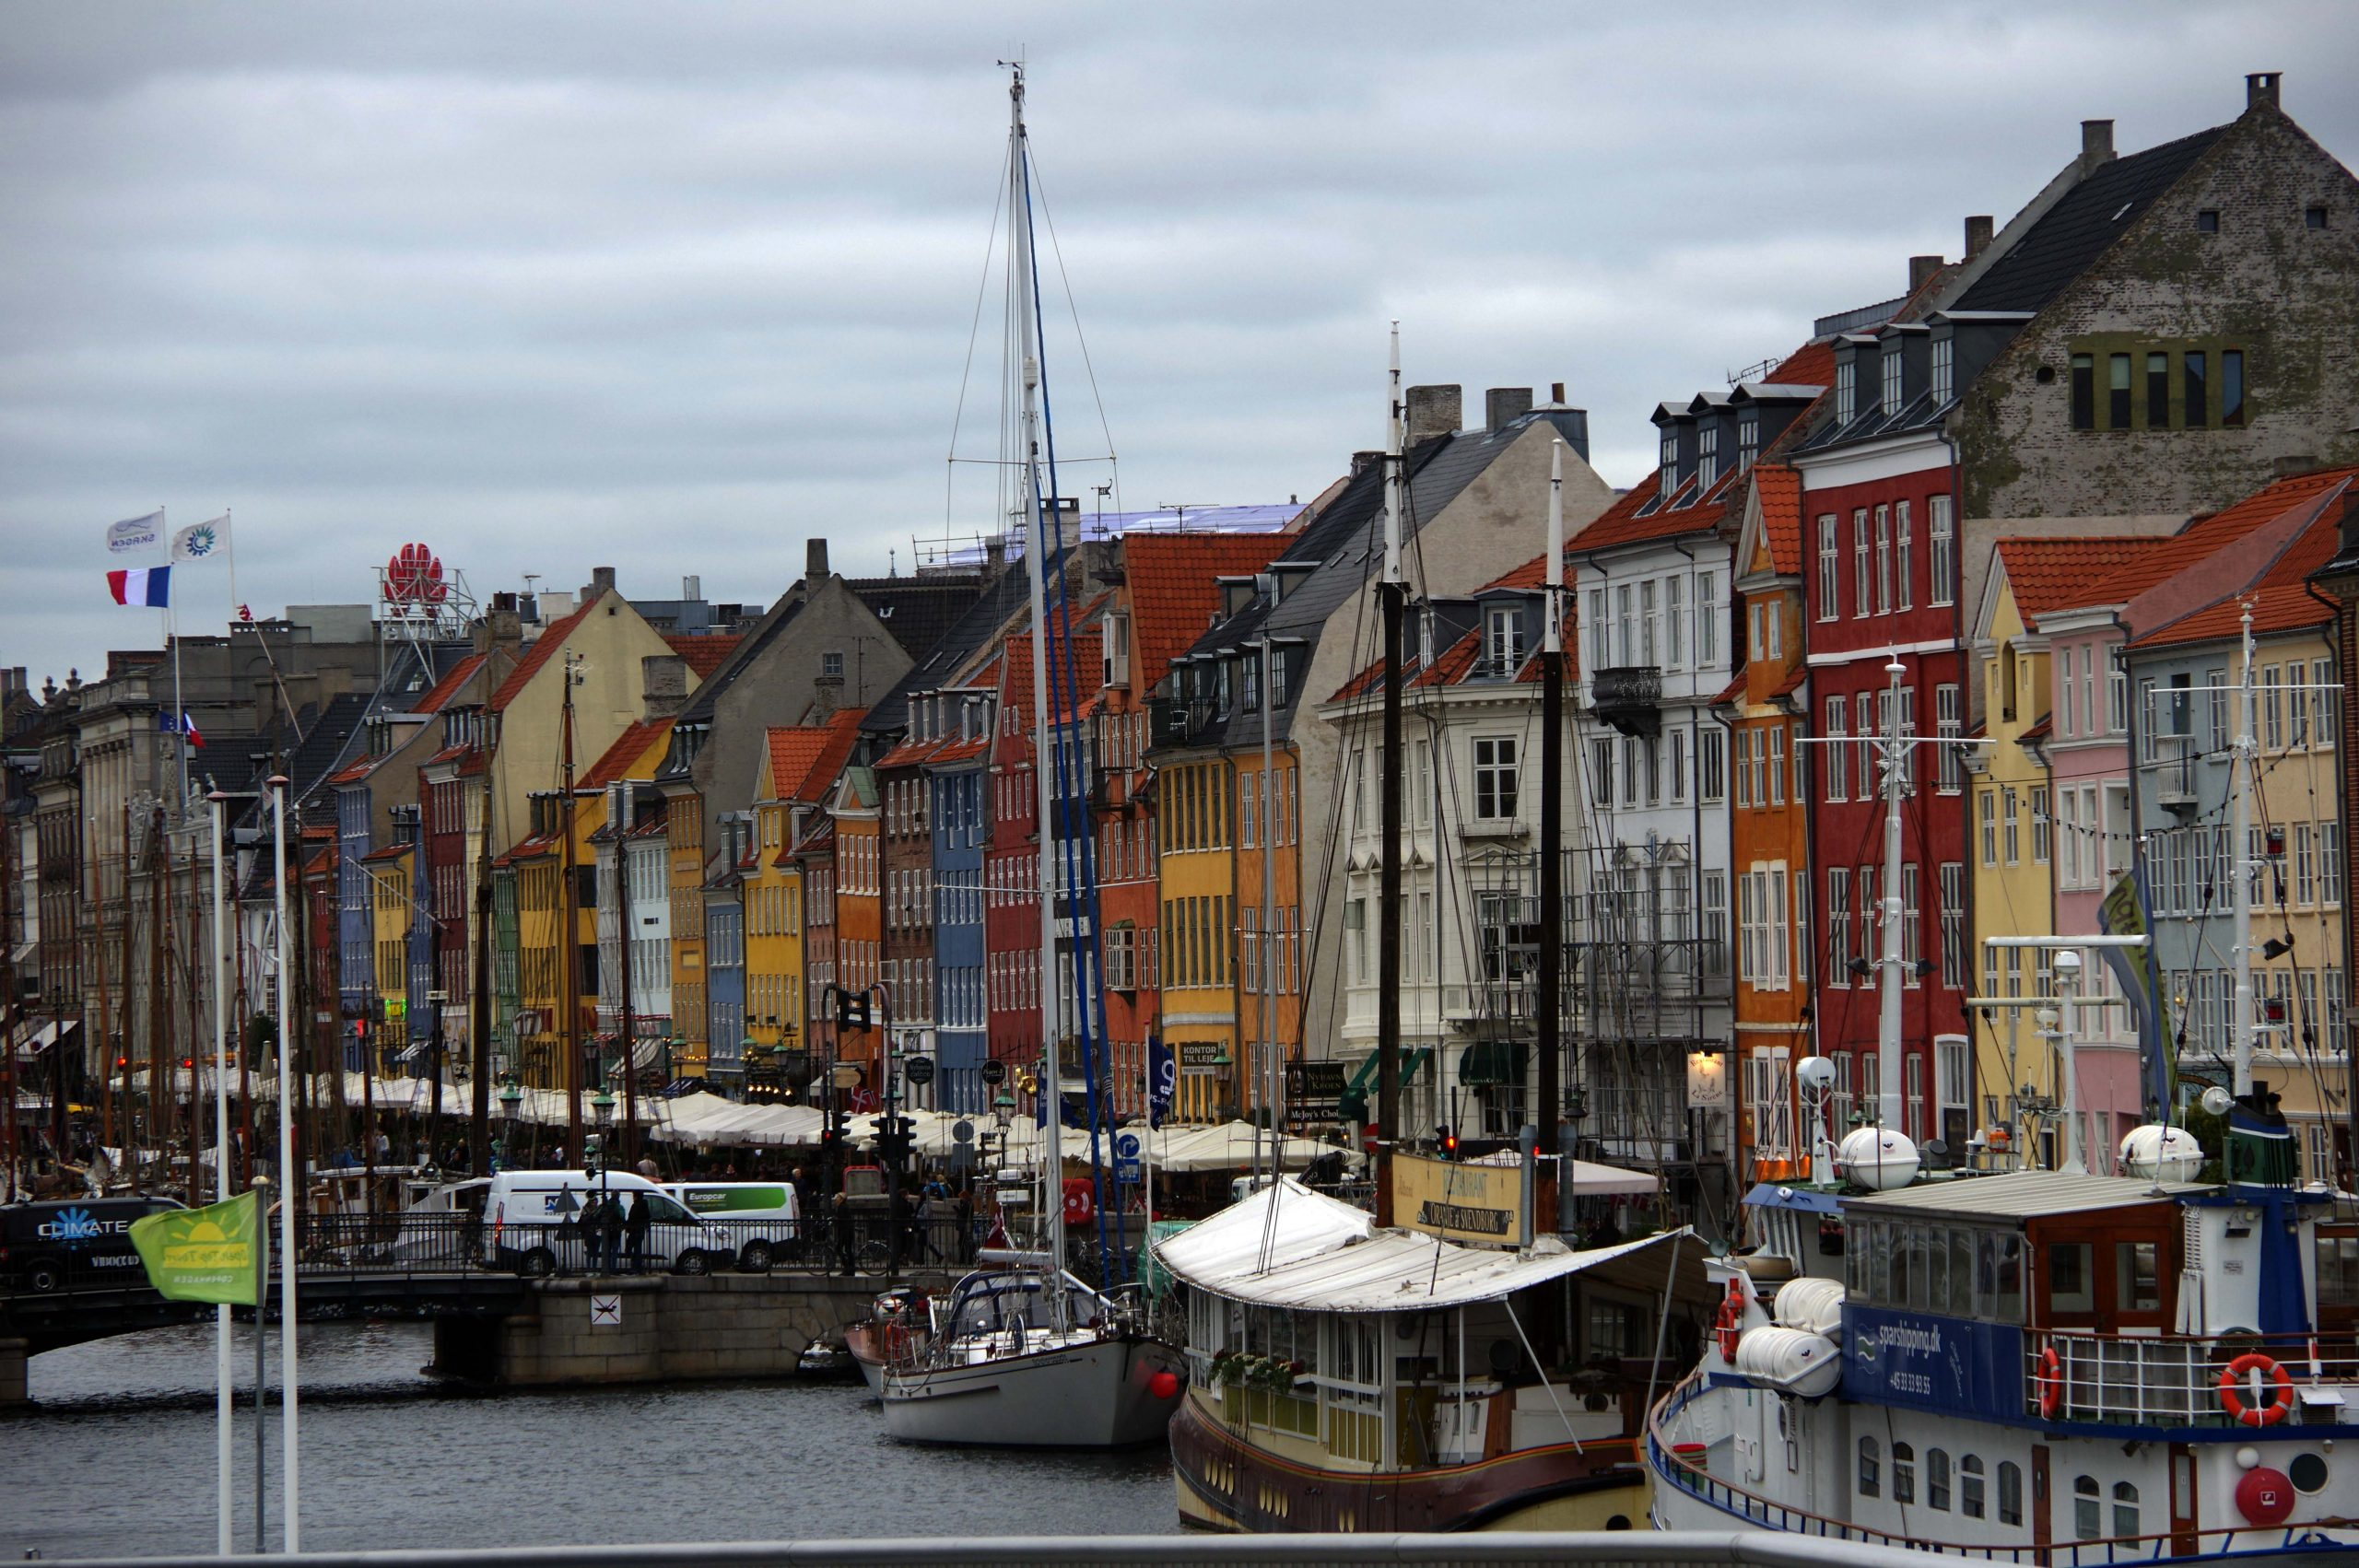 Copenhagen, Denmark, 2016